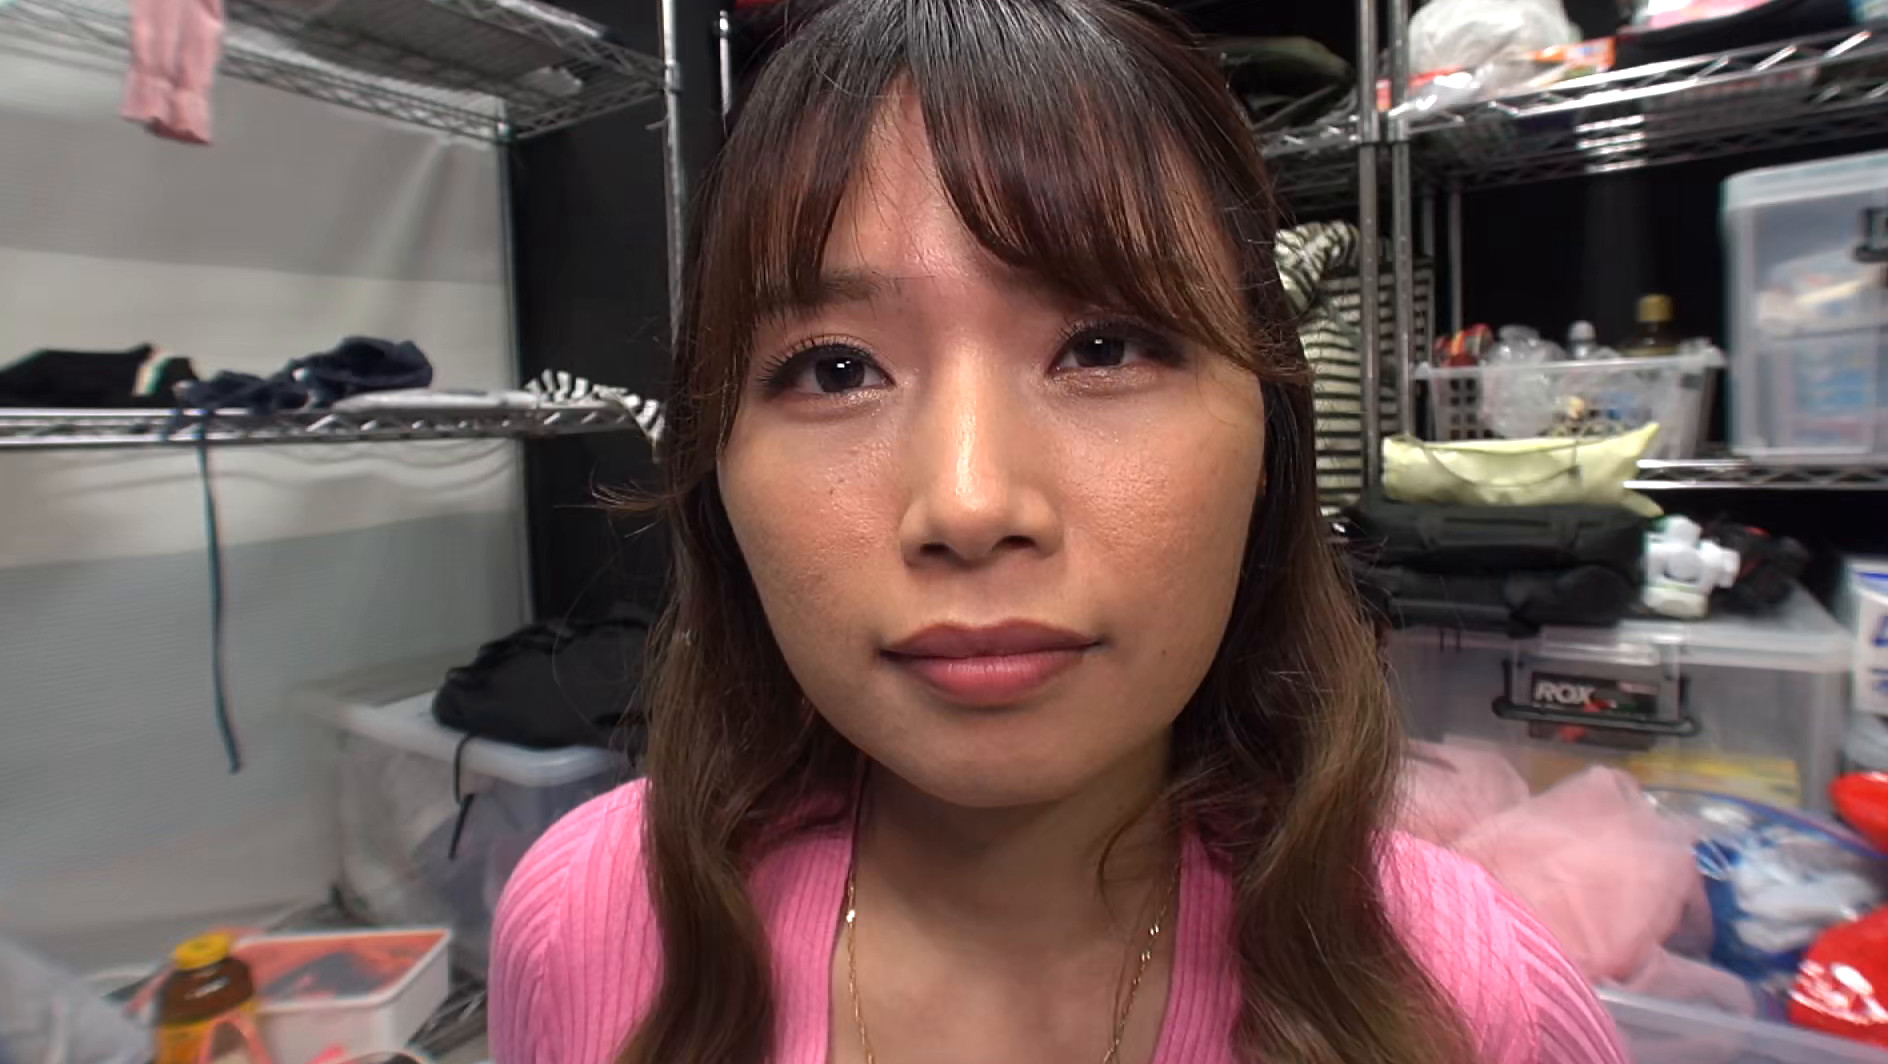 【個人撮影】助手席でオナニーする欲求不満な淫乱美女 旦那には内緒でハメ撮りデート